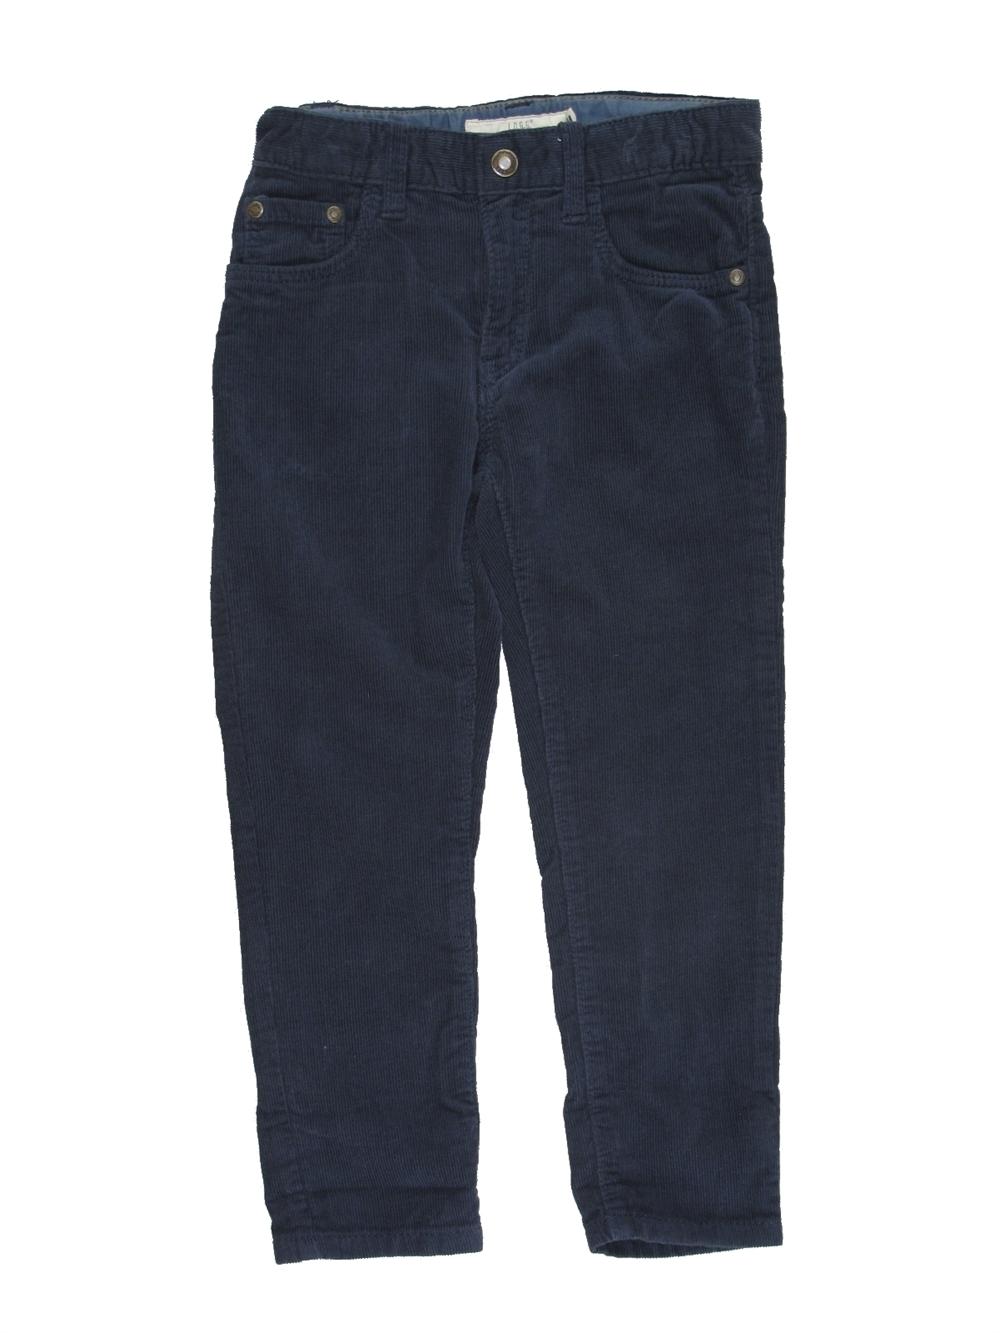 pantalon garcon h m 5 ans pas cher. Black Bedroom Furniture Sets. Home Design Ideas